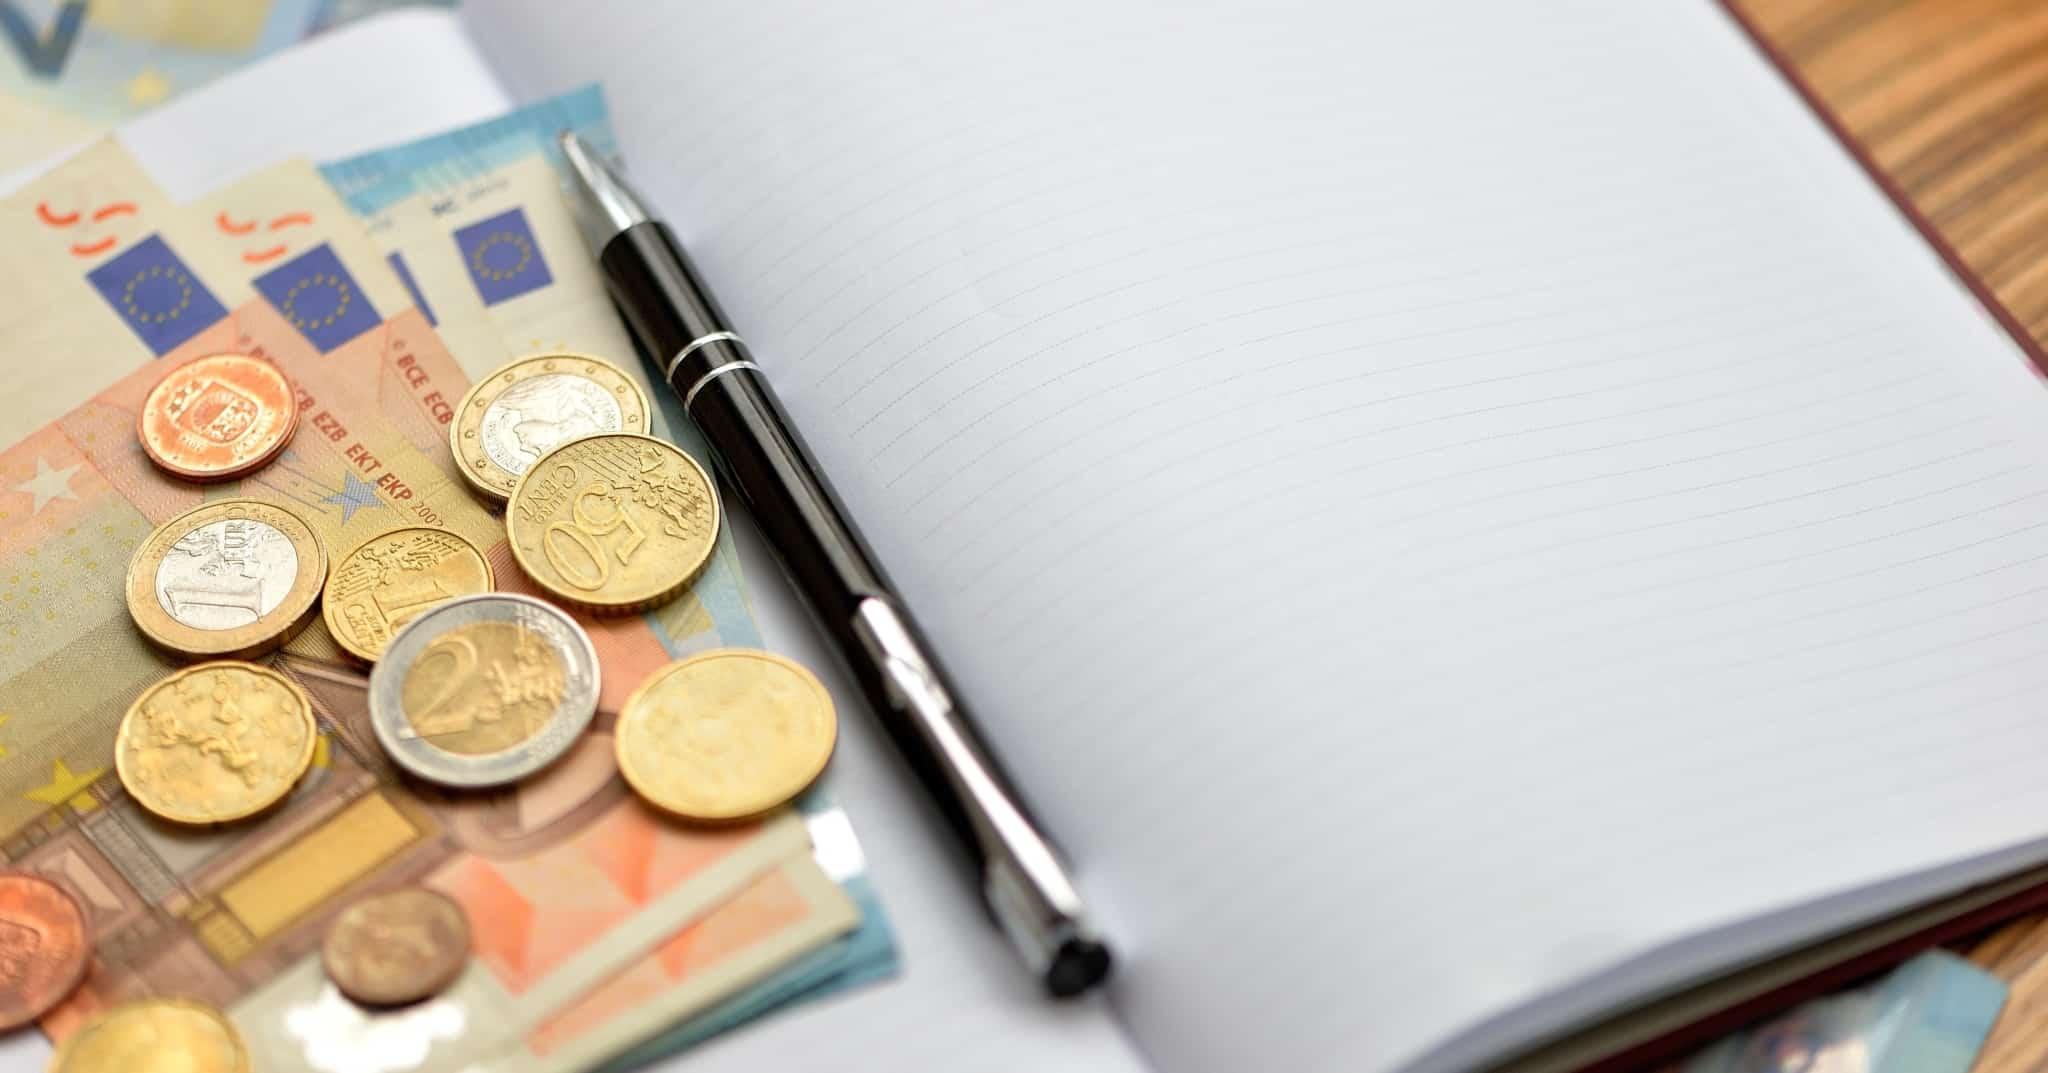 Caderno para fazer contas e dinheiro